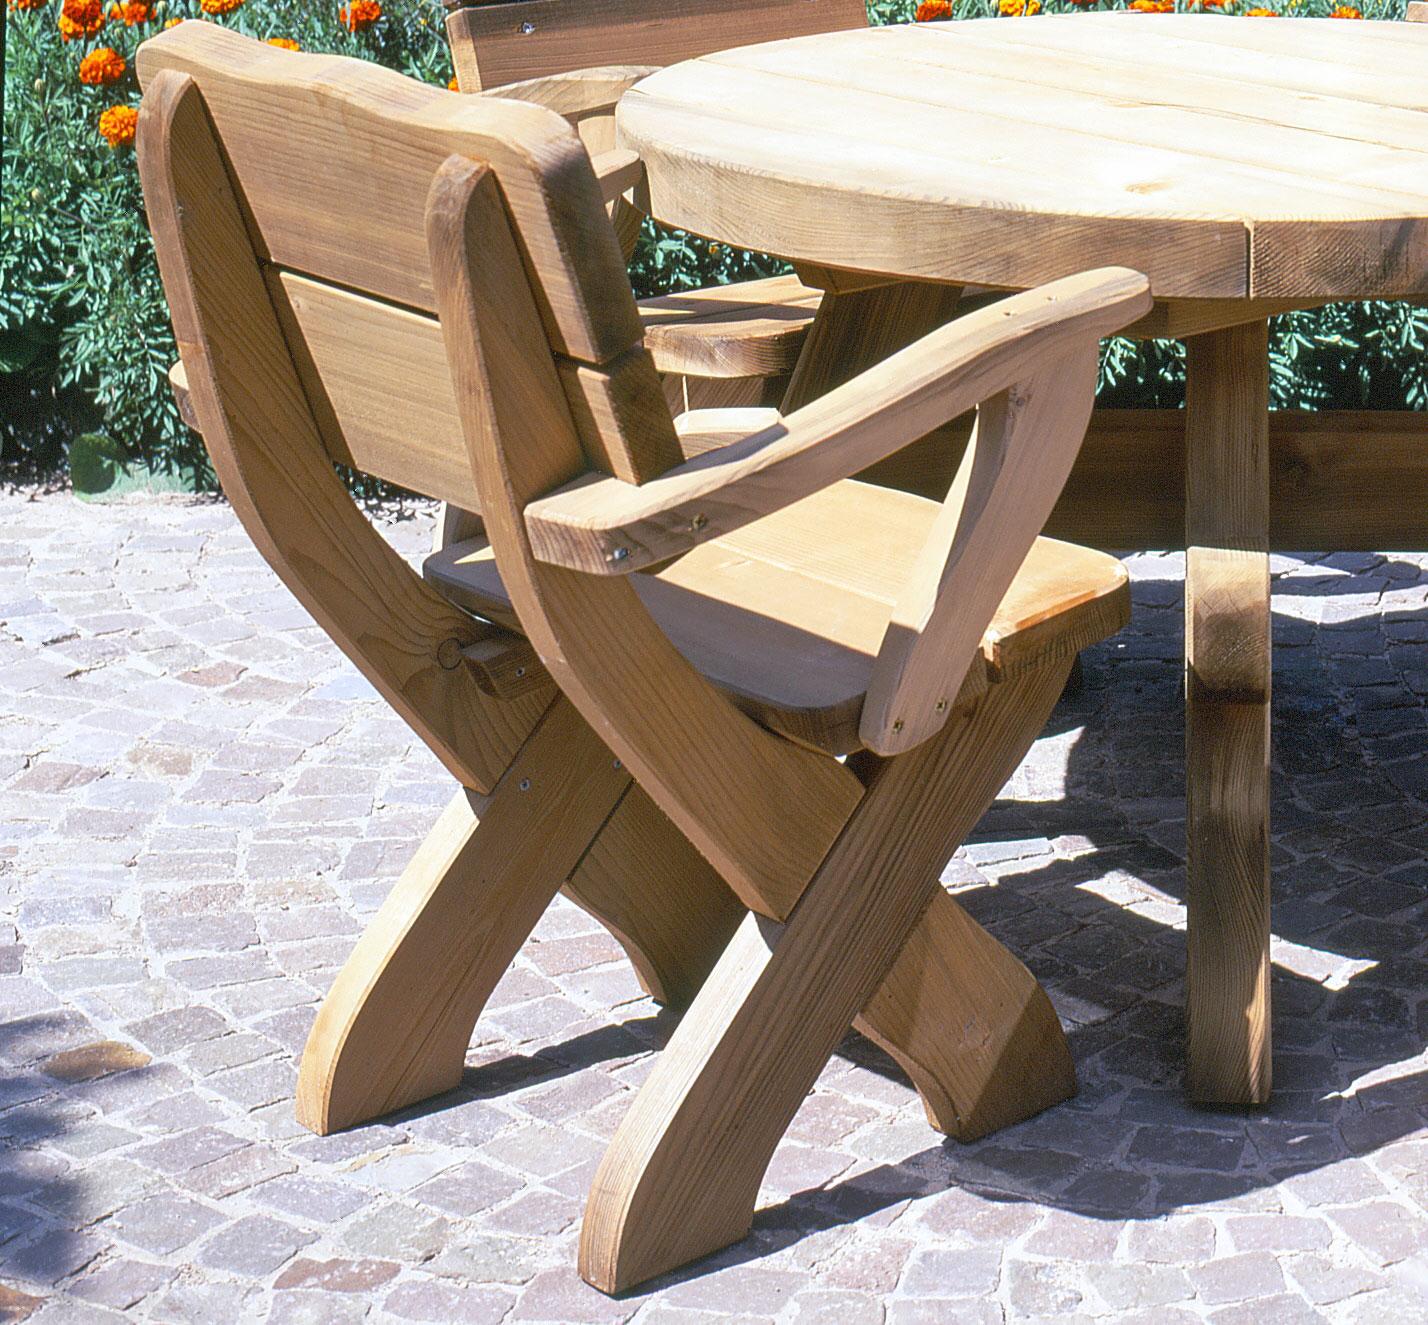 gartenm bel und zubeh r rustikale eifel stuhl mit armlehne kaufen. Black Bedroom Furniture Sets. Home Design Ideas